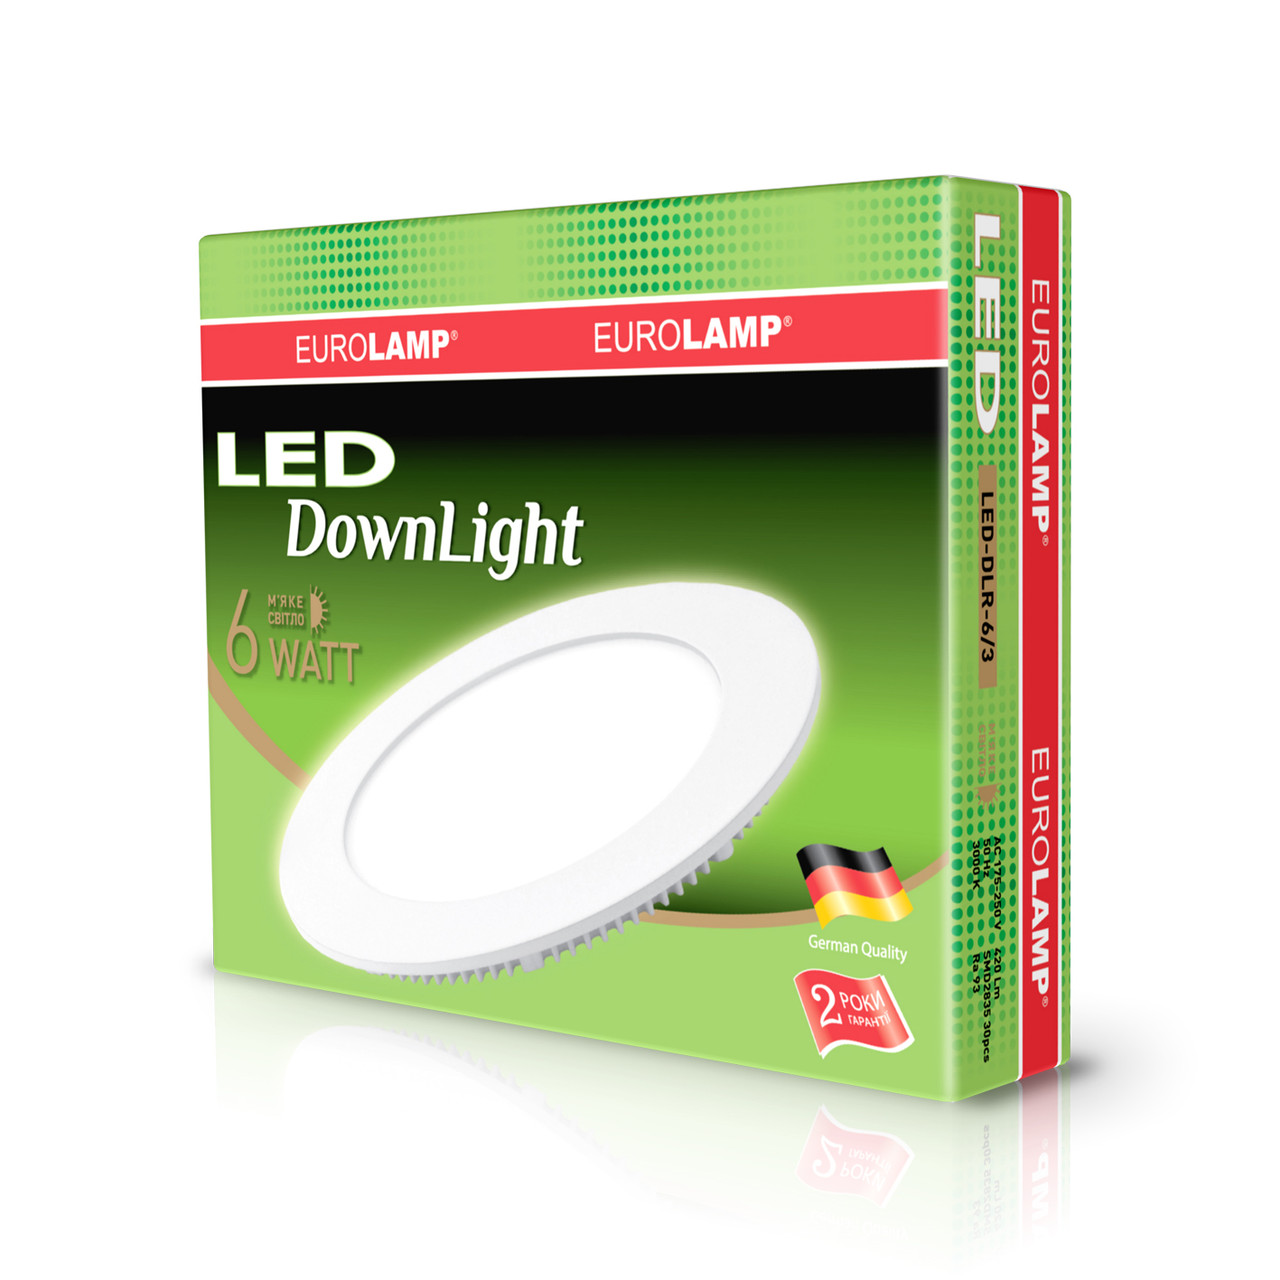 EUROLAMP LED Светильник круглый Downlight 6W 3000K 220V